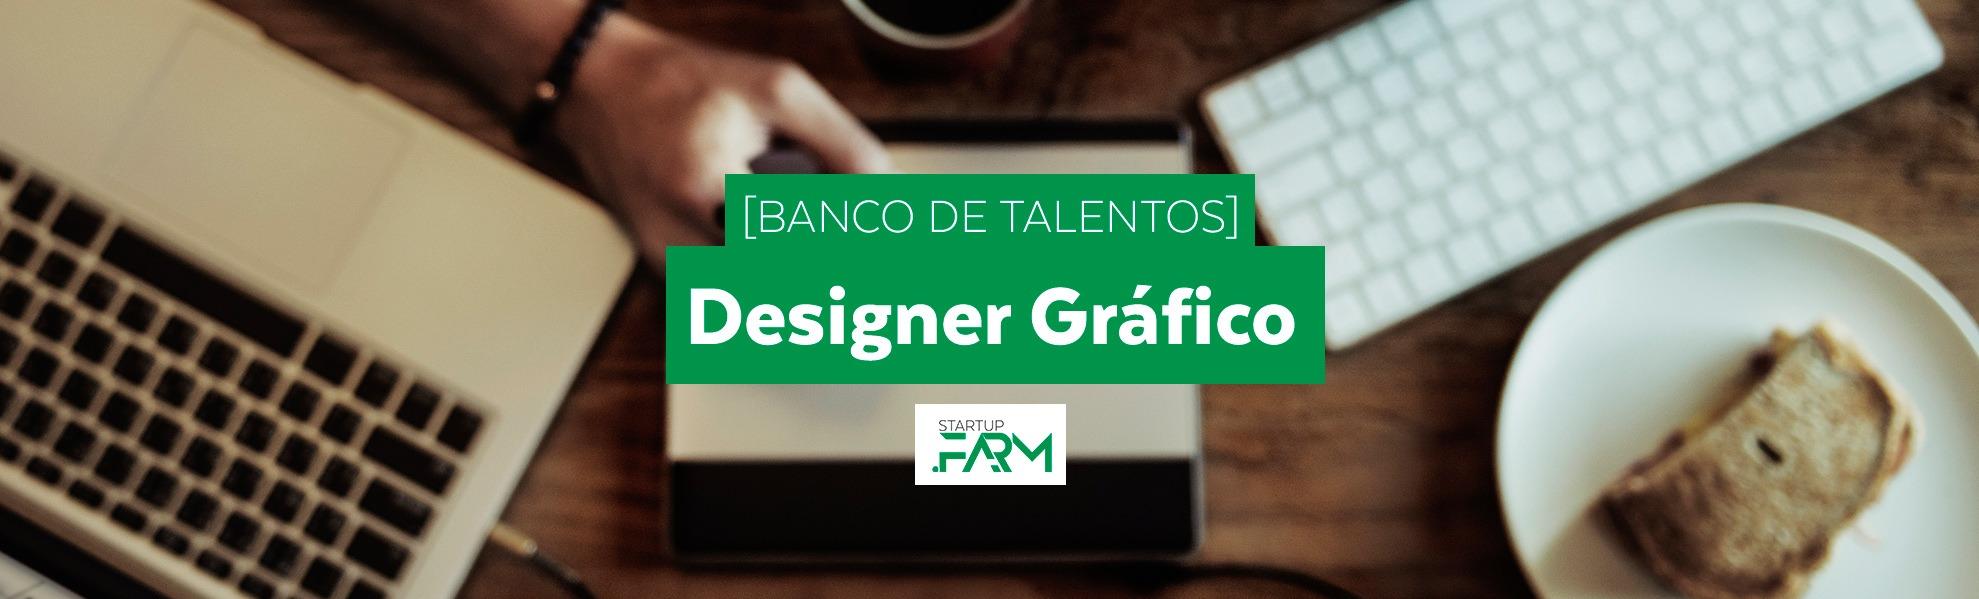 [Banco de talentos] Designer Gráfico